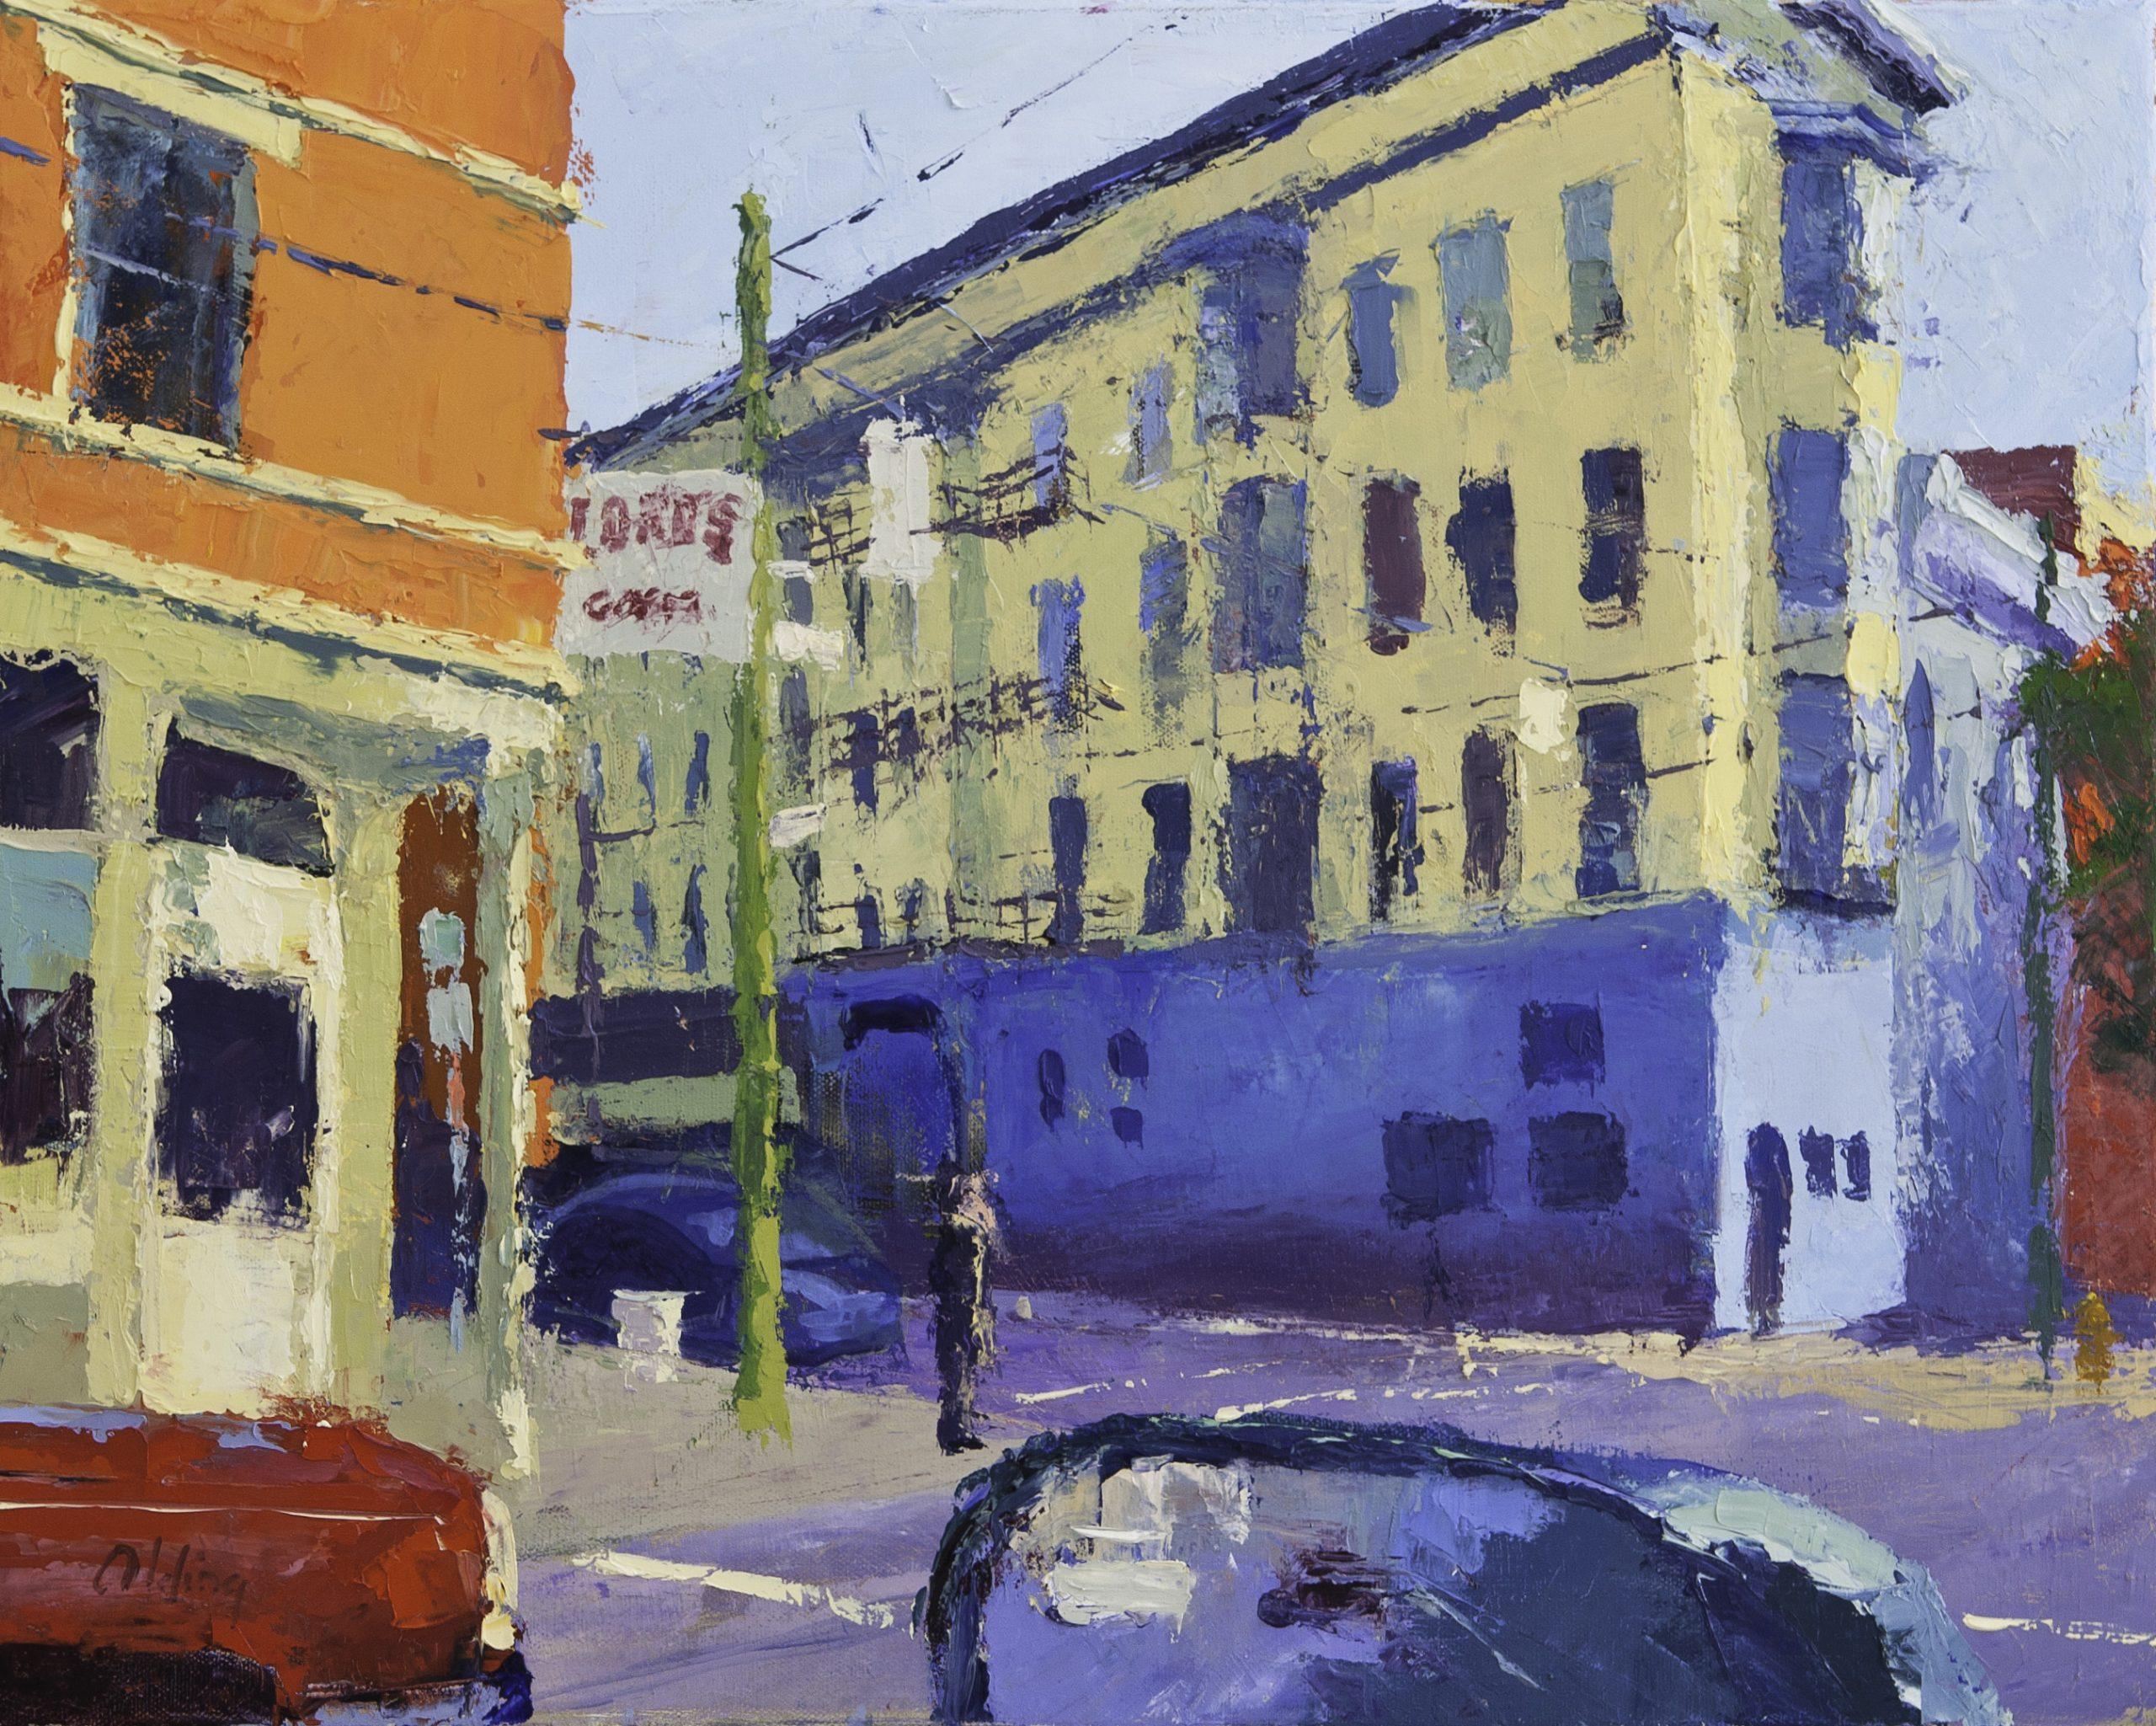 Maxwell's Street